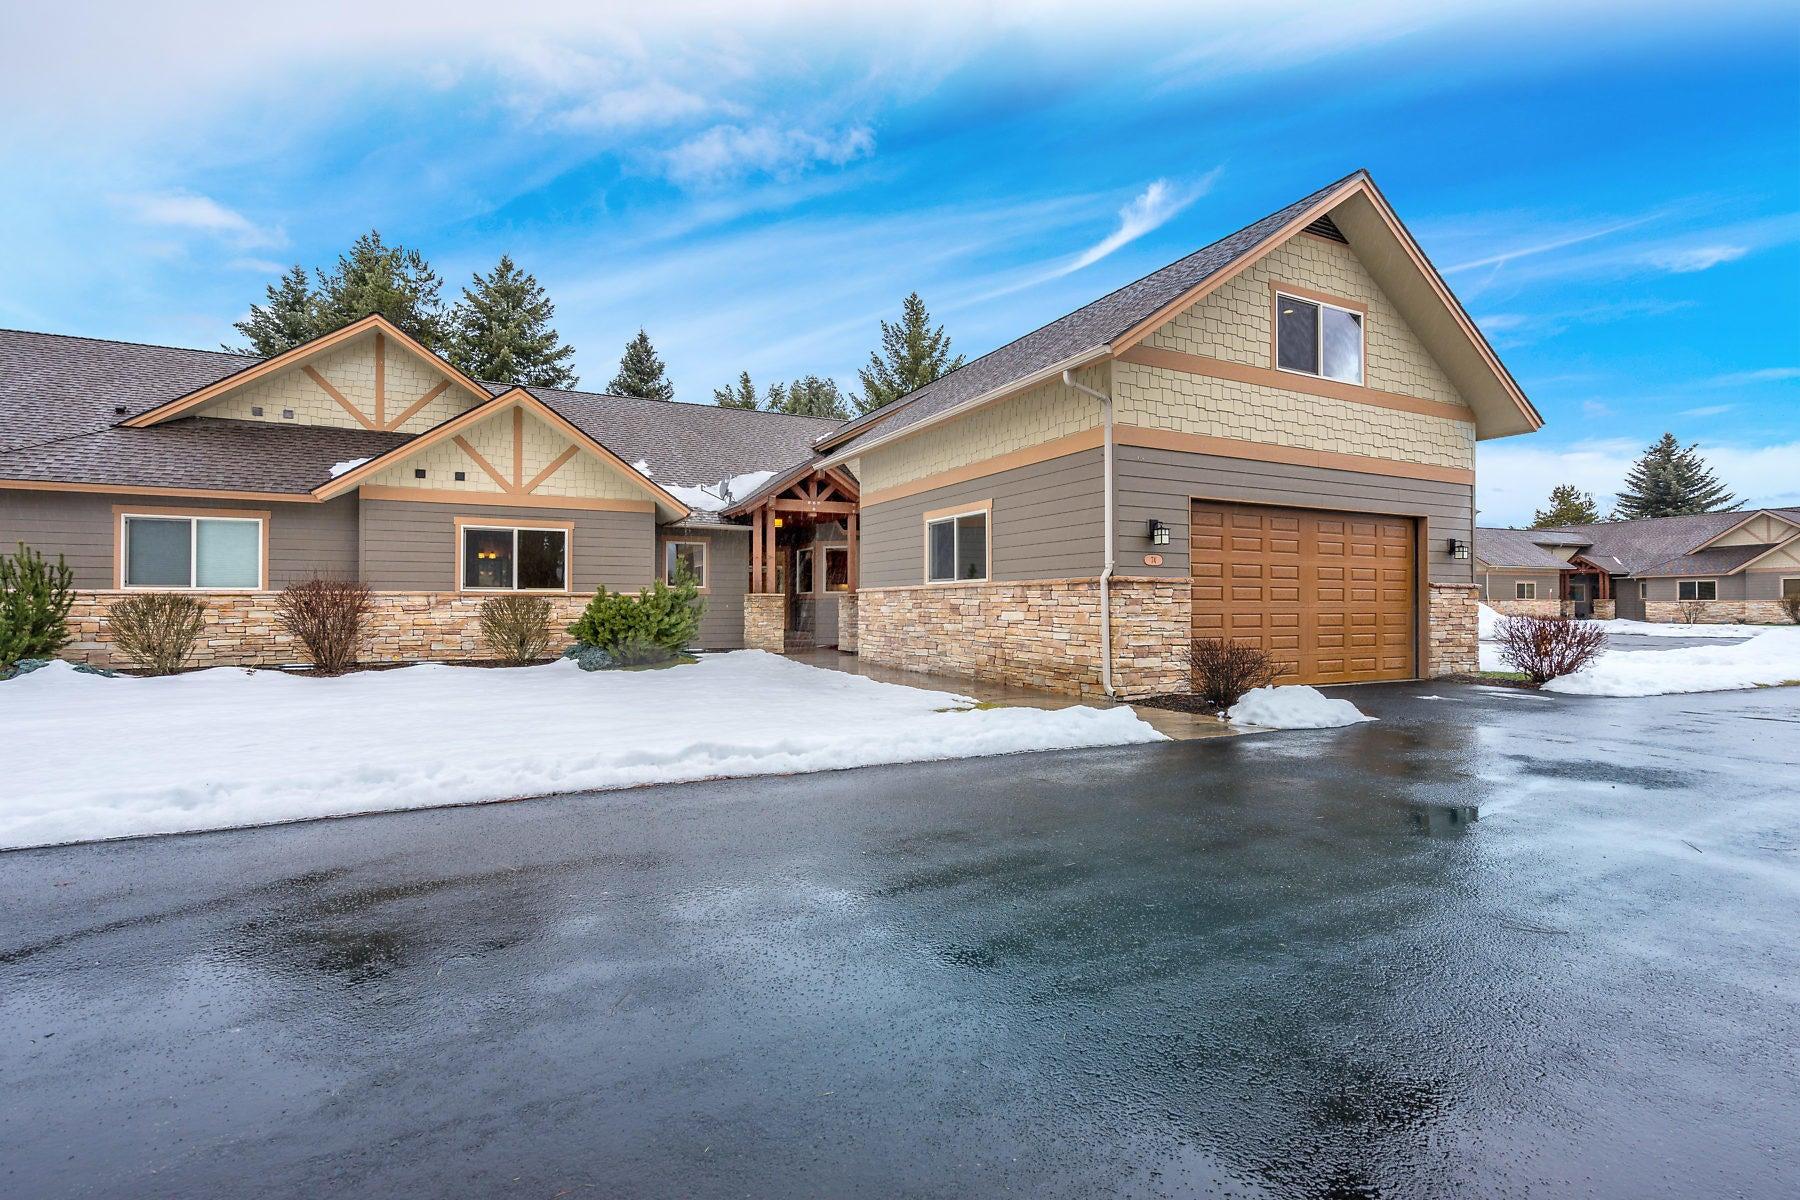 Single Family Home for Sale at 74 Bellflower Court 74 Bellflower Court Blanchard, Idaho 83804 United States